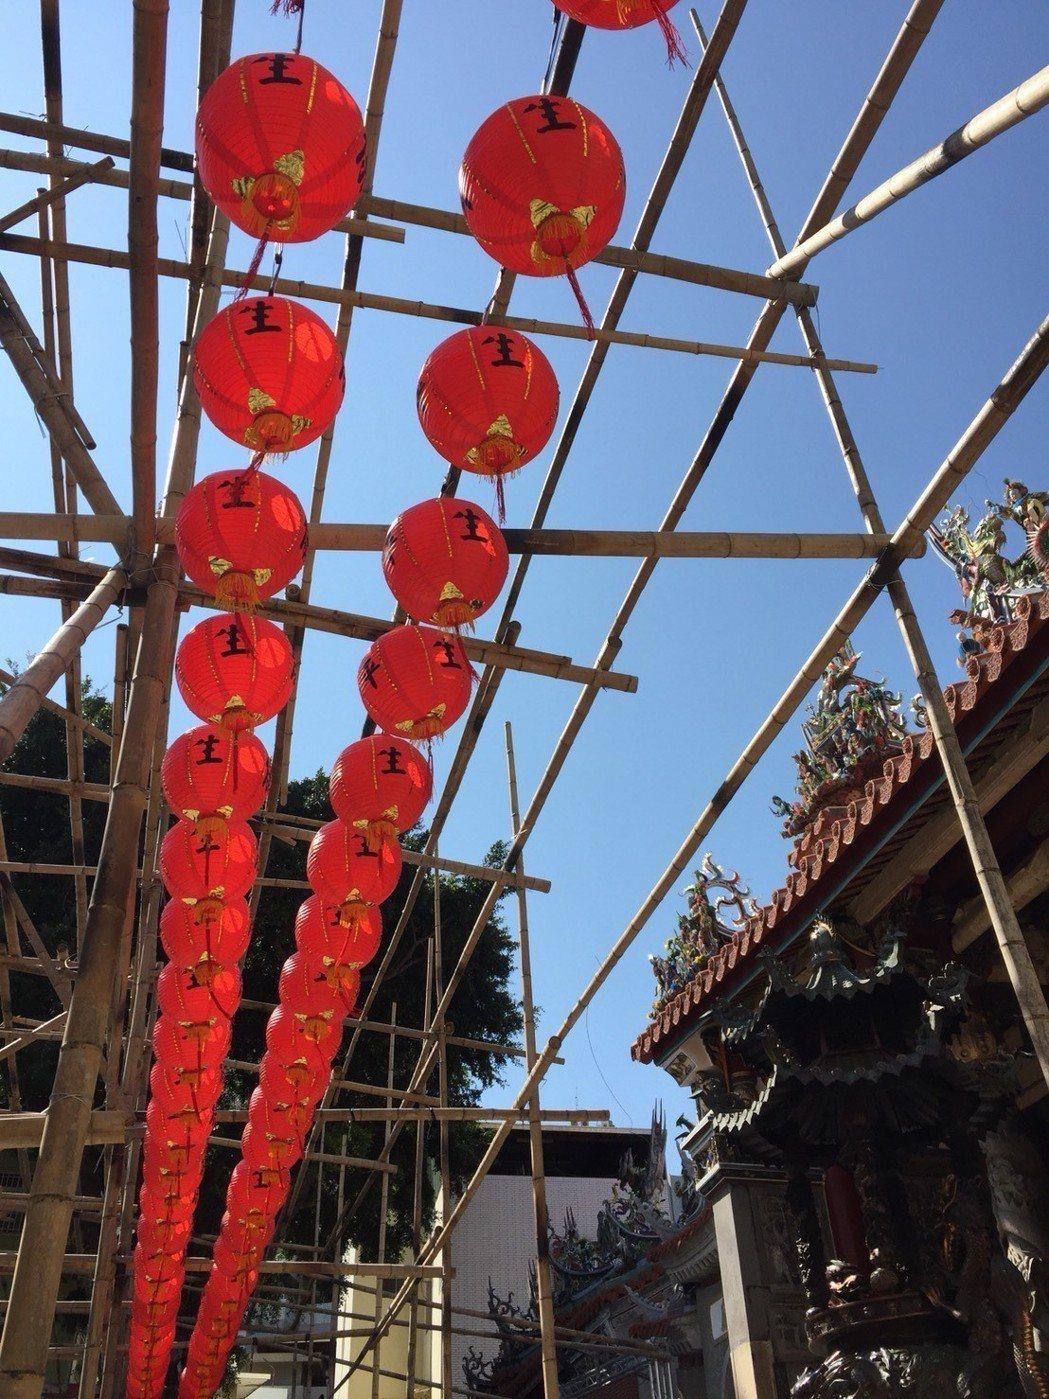 興濟宮吊掛的「保生平安燈」。  興濟宮 提供